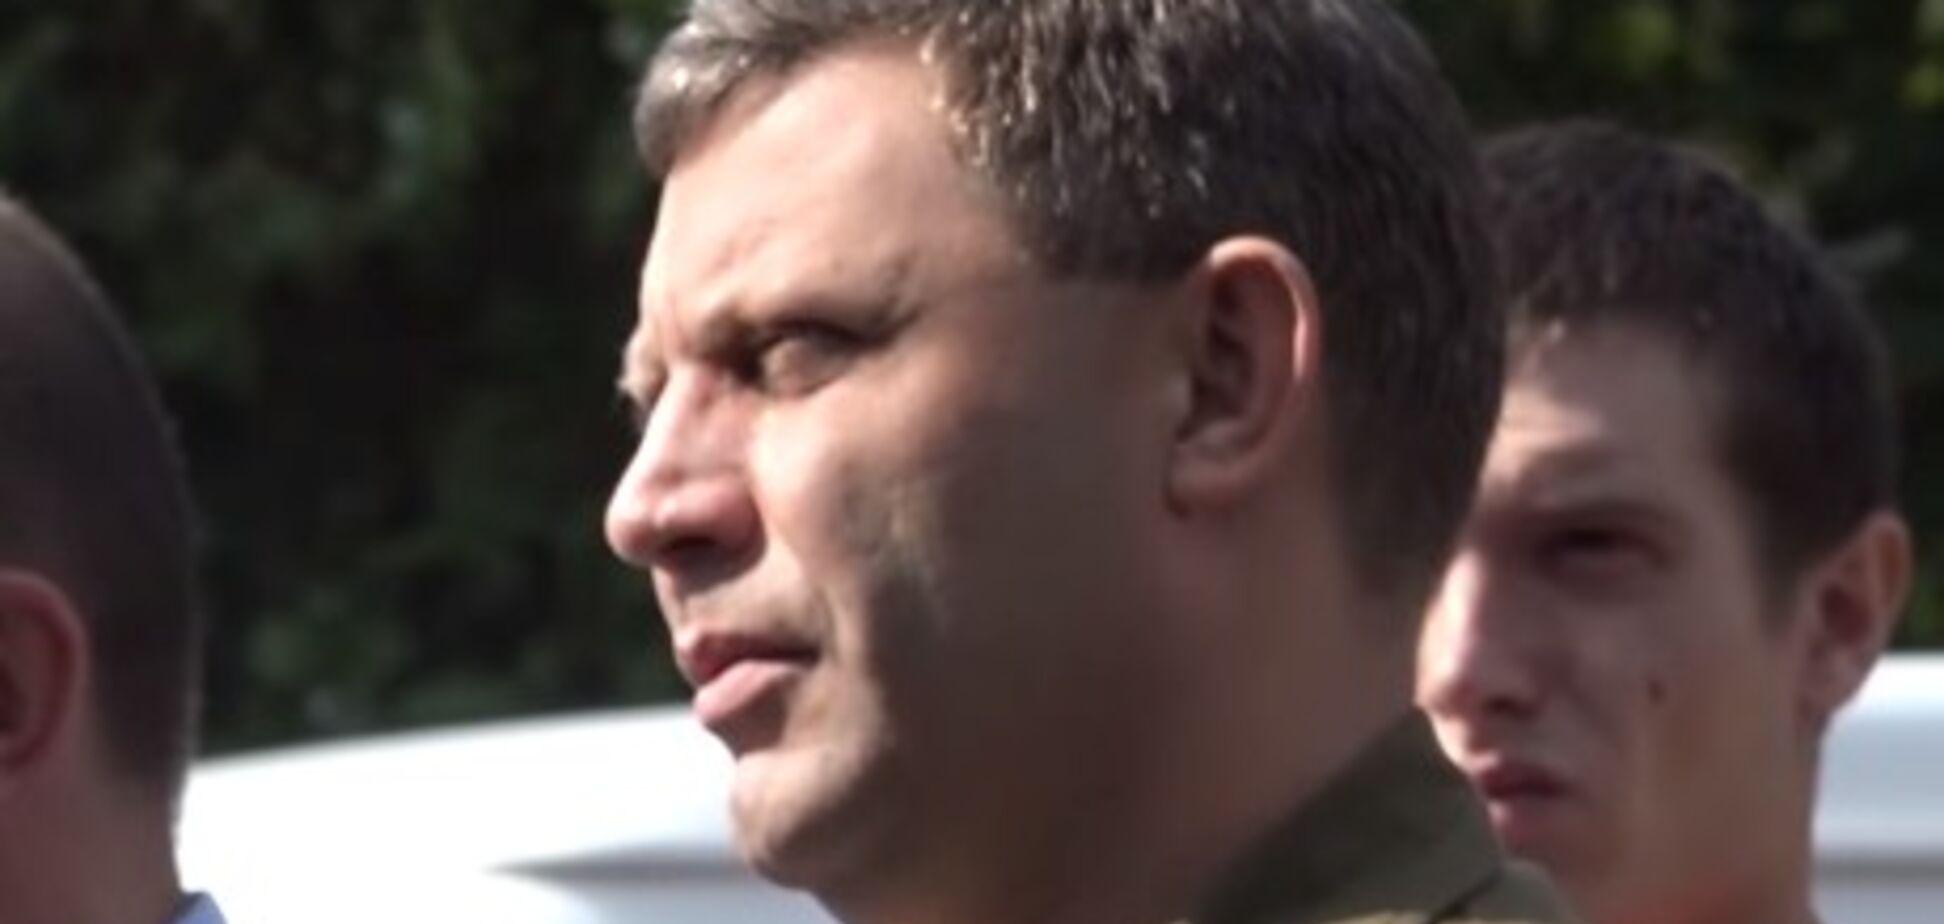 Куля в зад: Захарченко вперше з'явився на публіці після 'поранення'